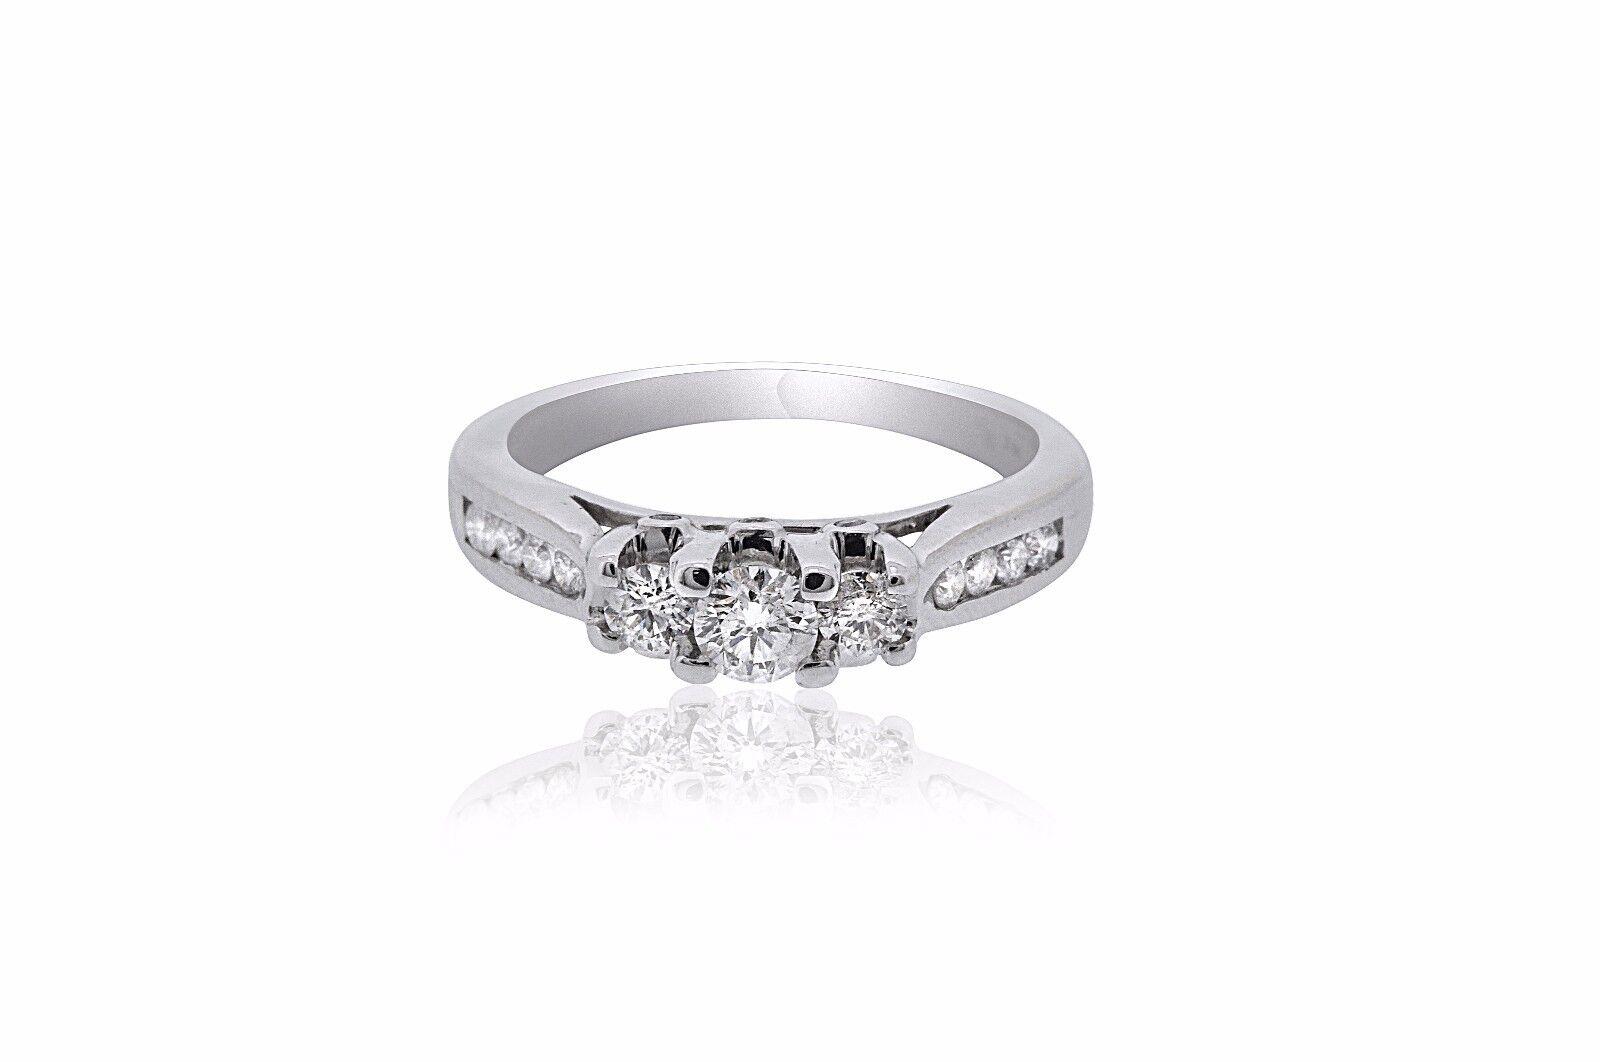 14K White gold 3 Diamond Engagement Ring